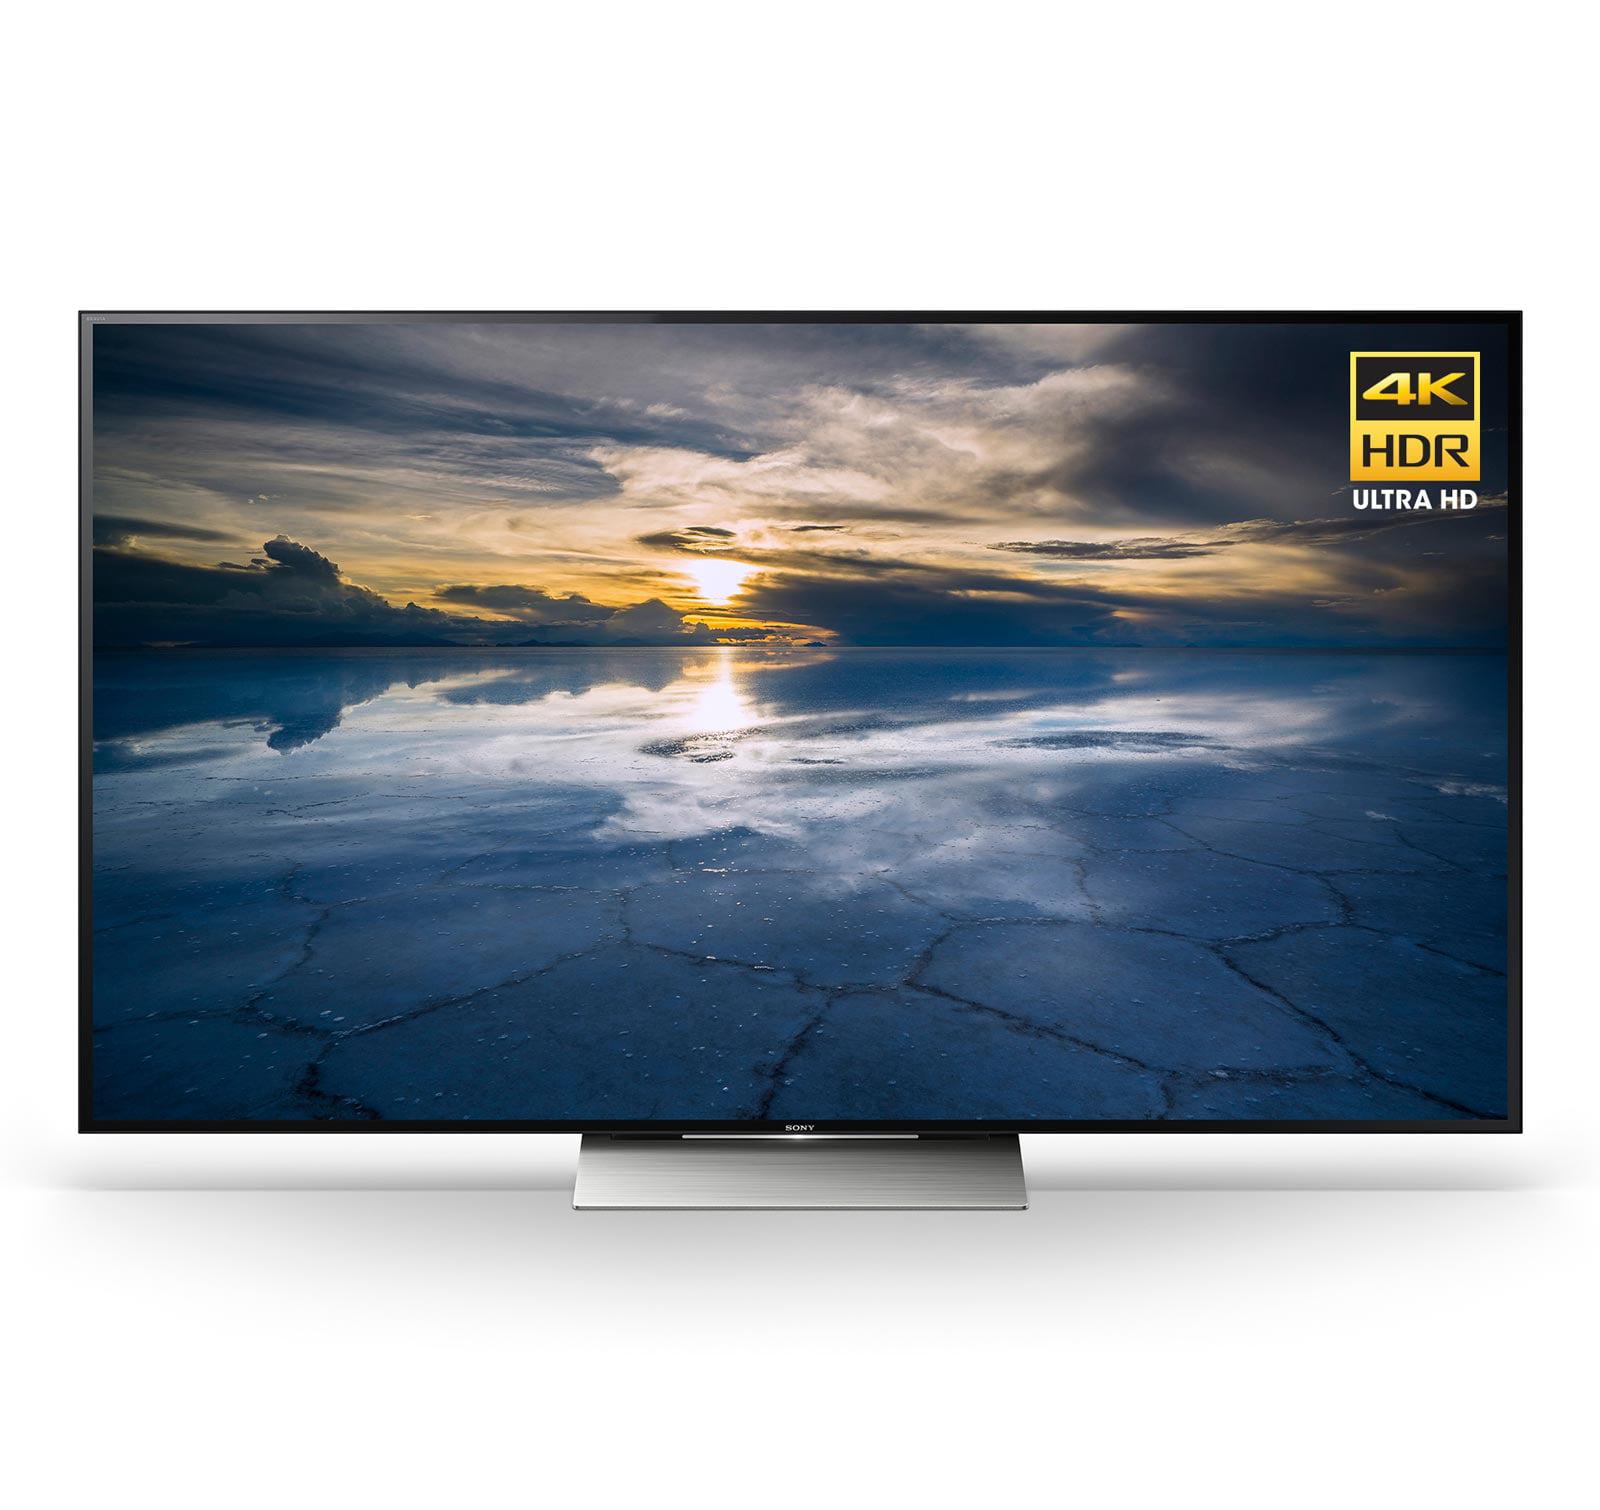 Sony XBR-55X930D 55-Inch 4K Ultra HD 3D Smart TV by Sony